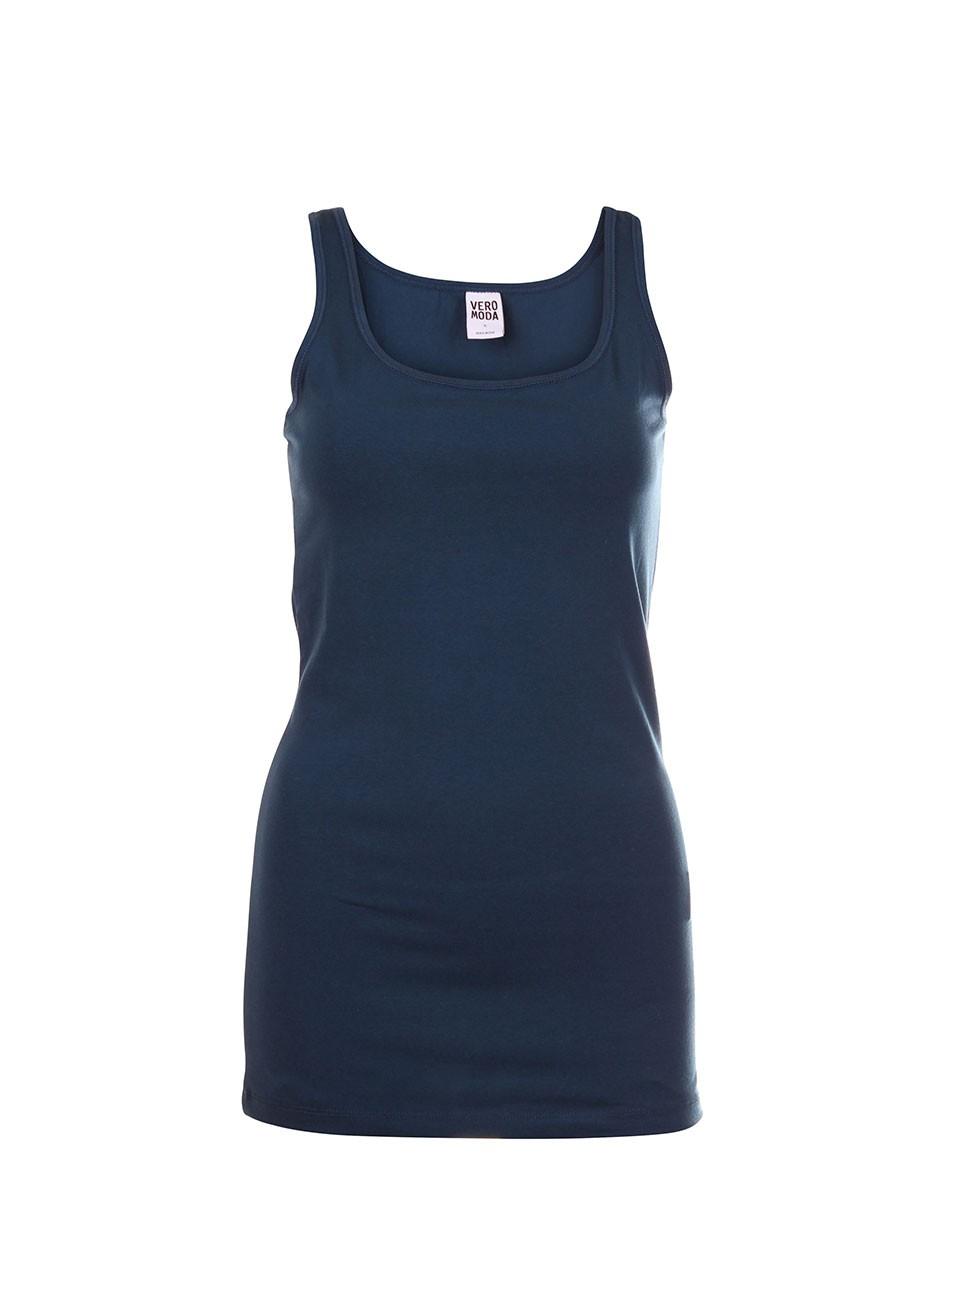 Vero Moda Damen Top 10083893 MAXI MY LONG TANK TOP COLOR